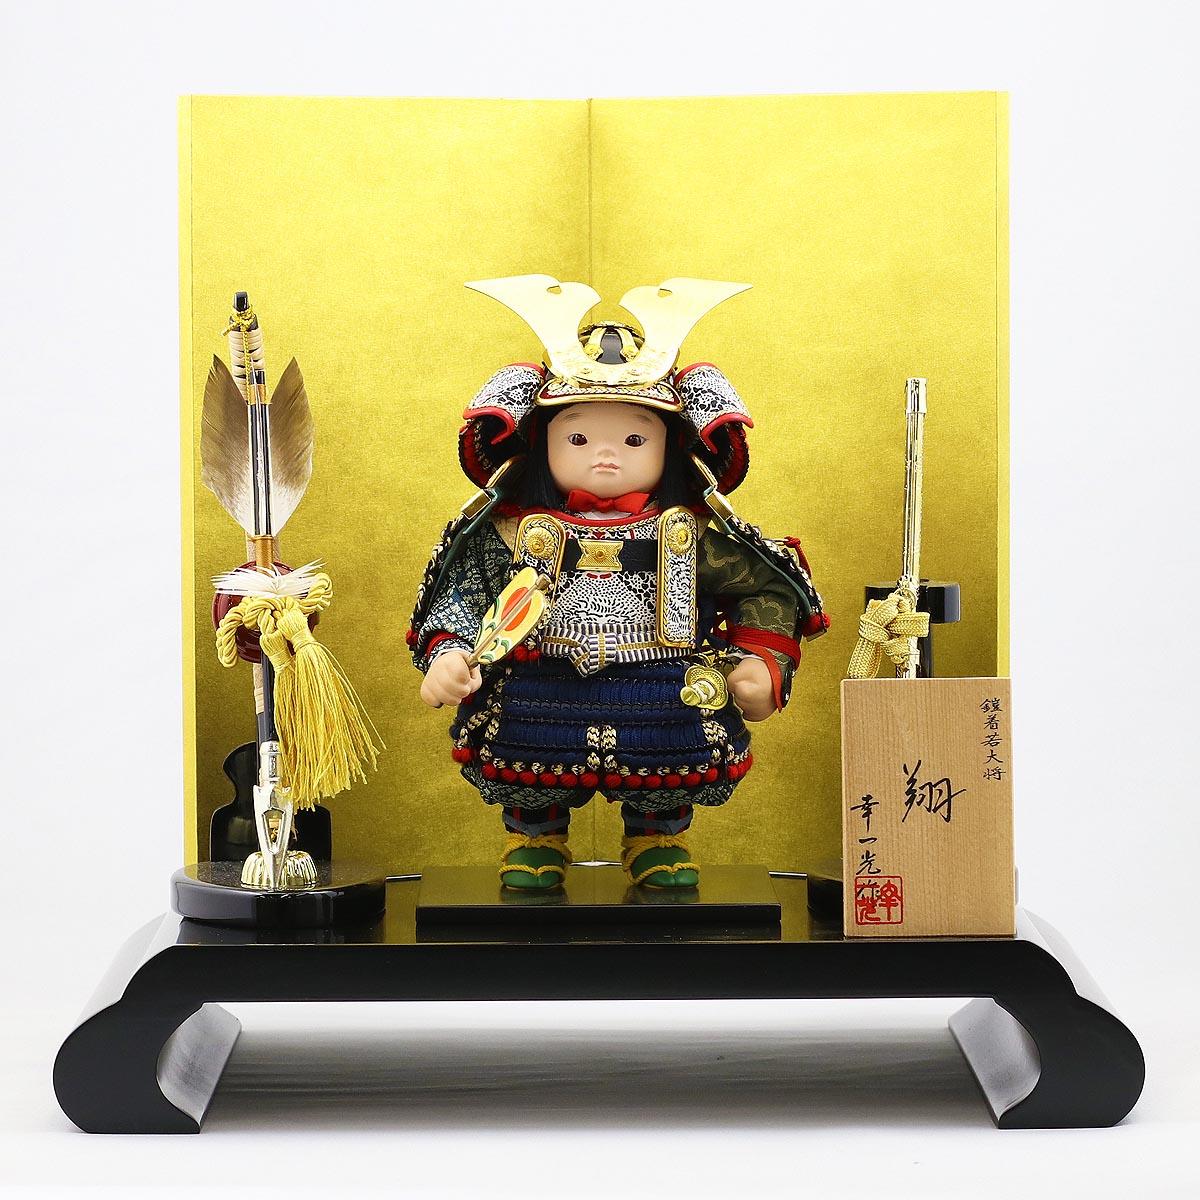 五月人形 幸一光 子供大将飾り 翔 (しょう) 鎧着 巻き足台 金屏風セット ≪GOKI-SHOU-NO-09≫コンパクト おしゃれ 子供大将飾り 武者人形 子供大将飾り 五月人形